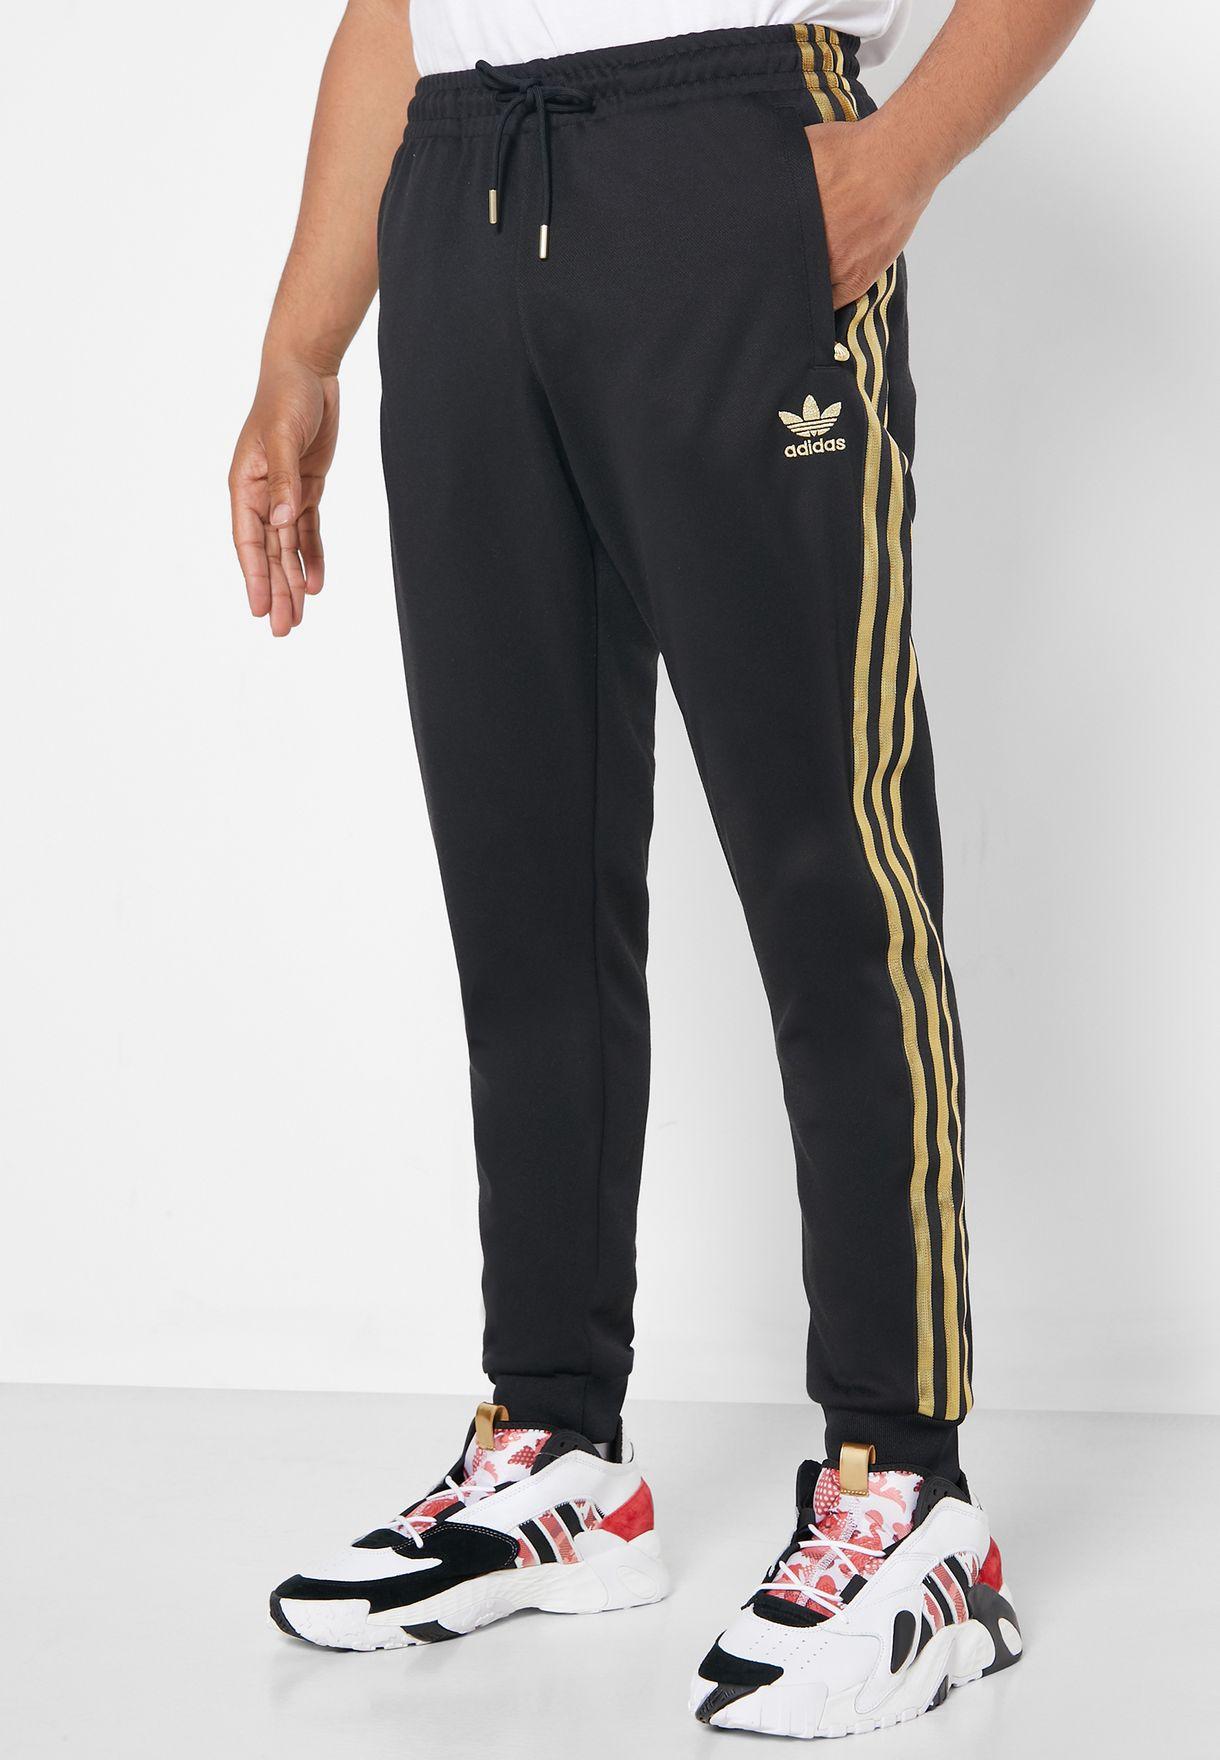 Superstar 24 Track Pants